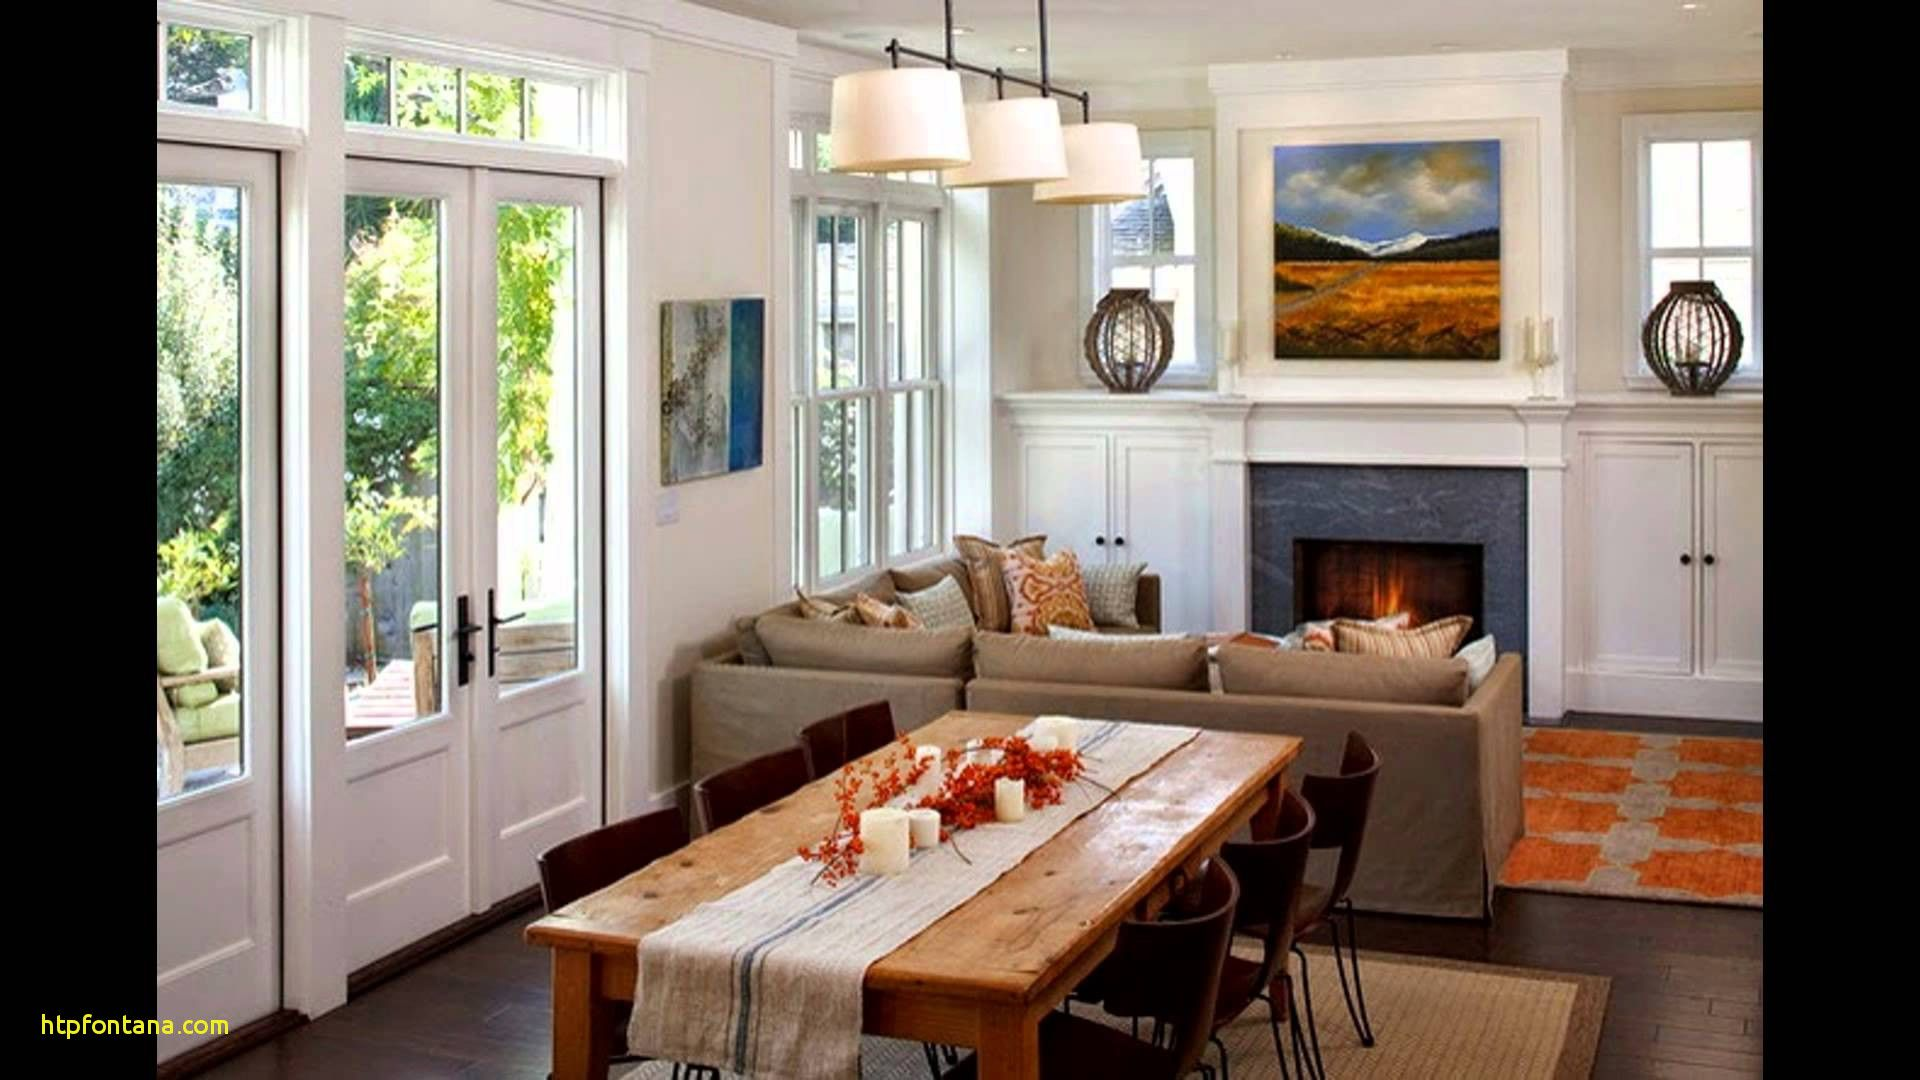 Wohnzimmer Design Ideen Kleines Wohnzimmer Einrichten Wohnzimmer Einrichten Wohn Esszimmer